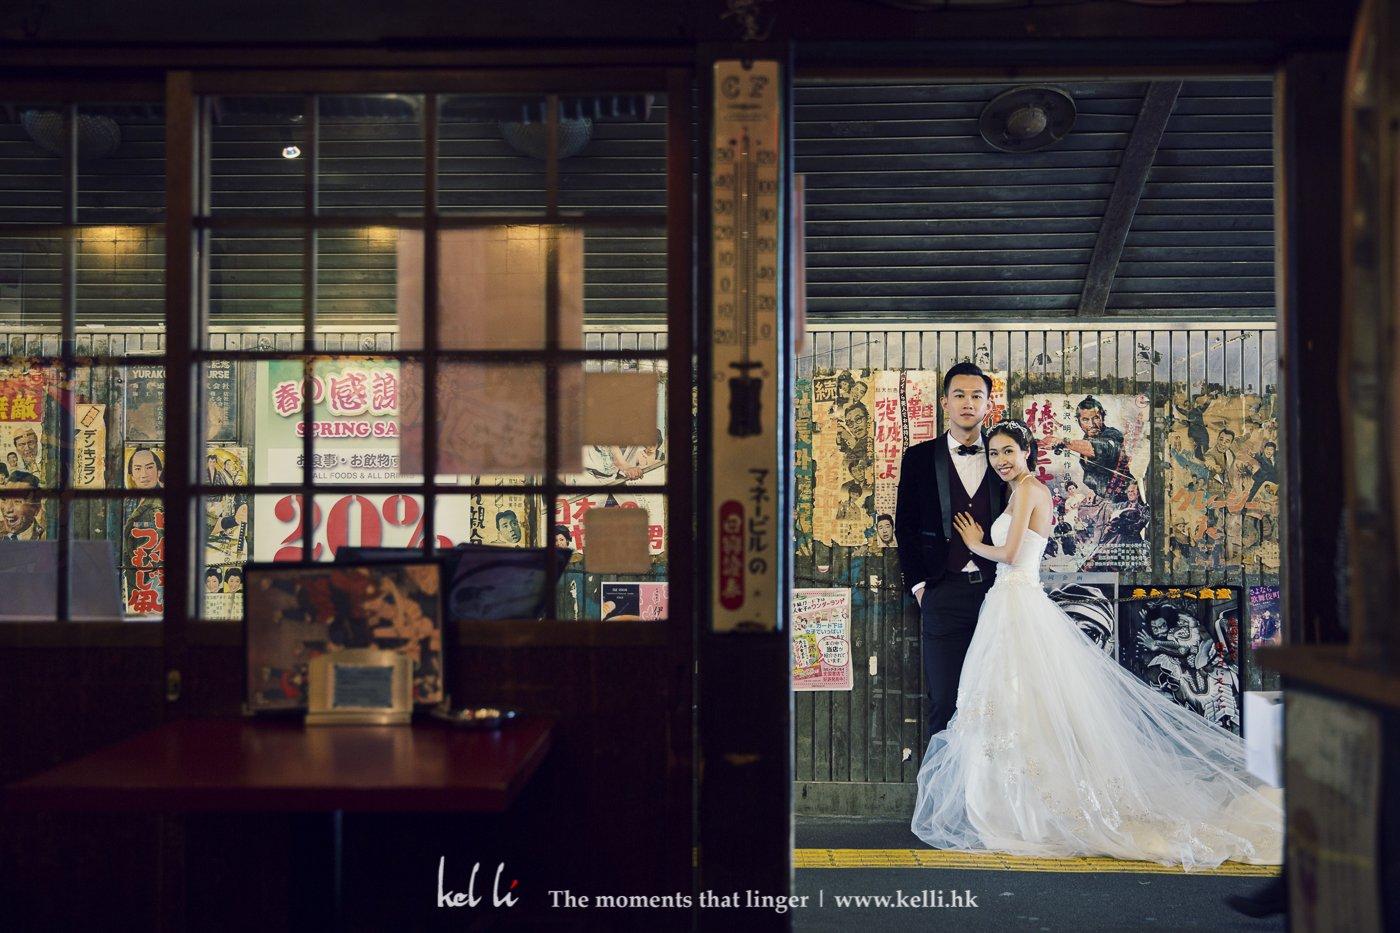 這個是一麵店的門口,食完午飯我們也順便拍了幾張婚紗照,東京的舊式居酒屋都係一個不錯的拍攝場地